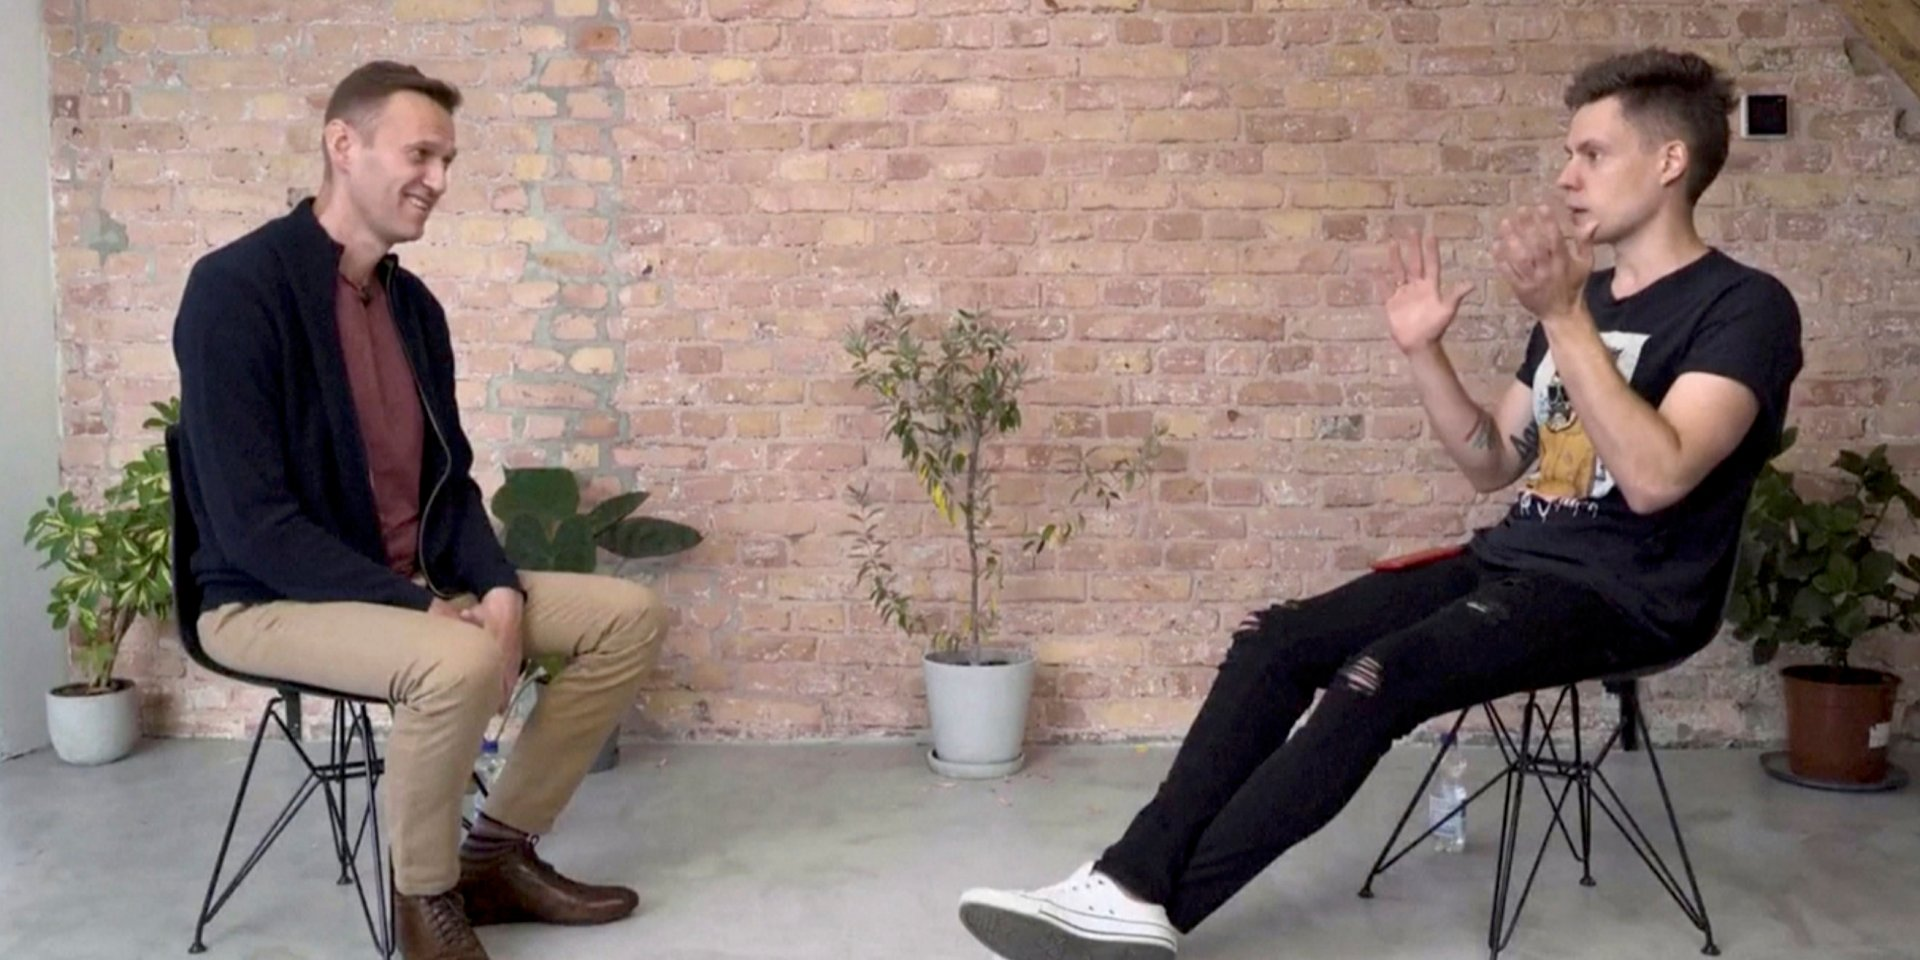 «Никто не знал, что это «Новичок», потому никто и не отравился»: Навальный дал интервью Юрию Дудю